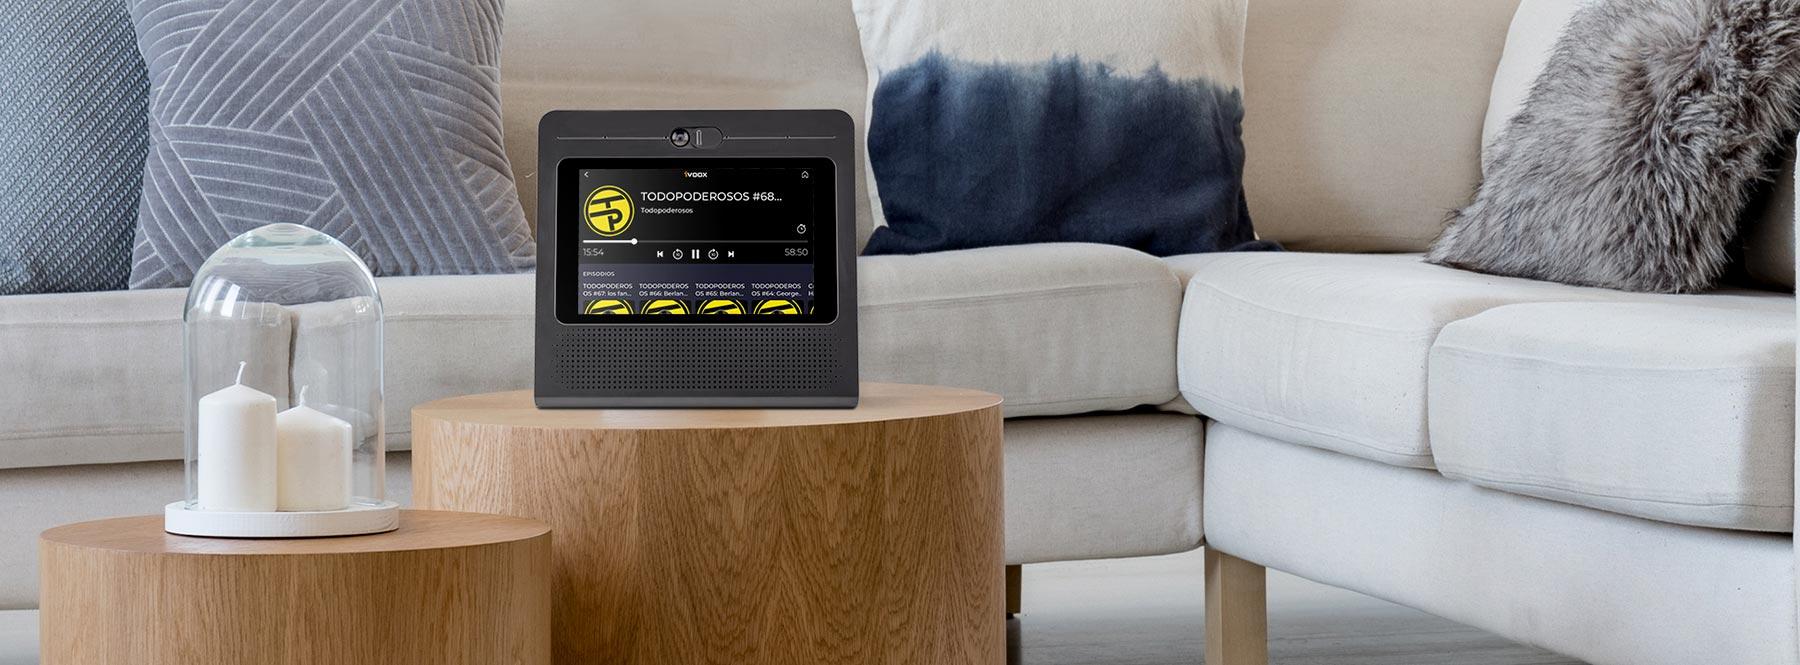 Cómo escuchar podcasts desde casa a través de iVoox con Movistar Home